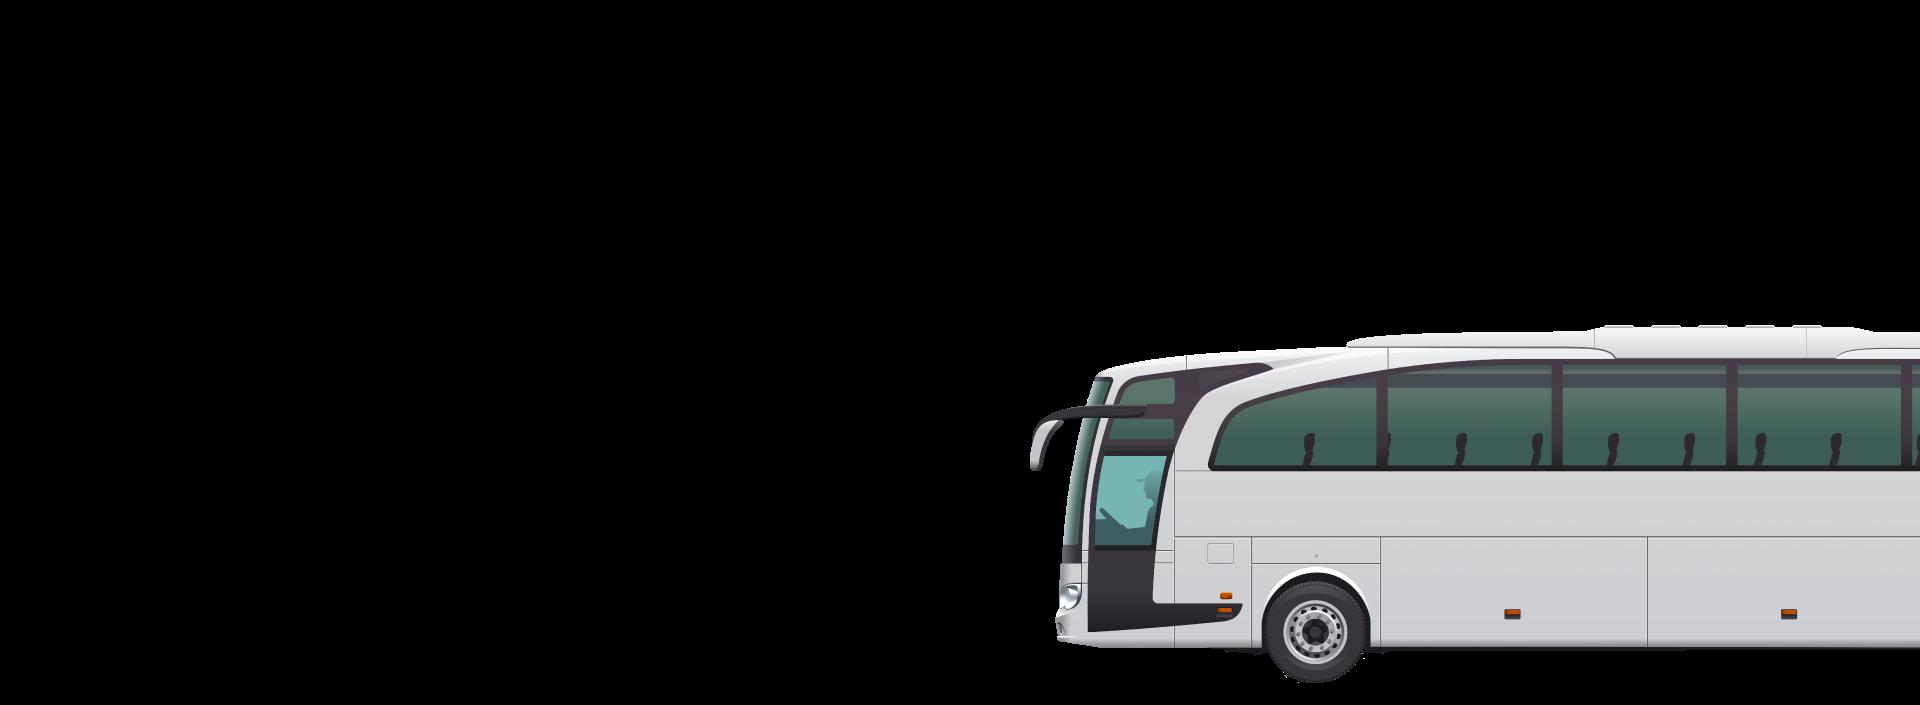 Les stations HRS pour ravitaillement des bus